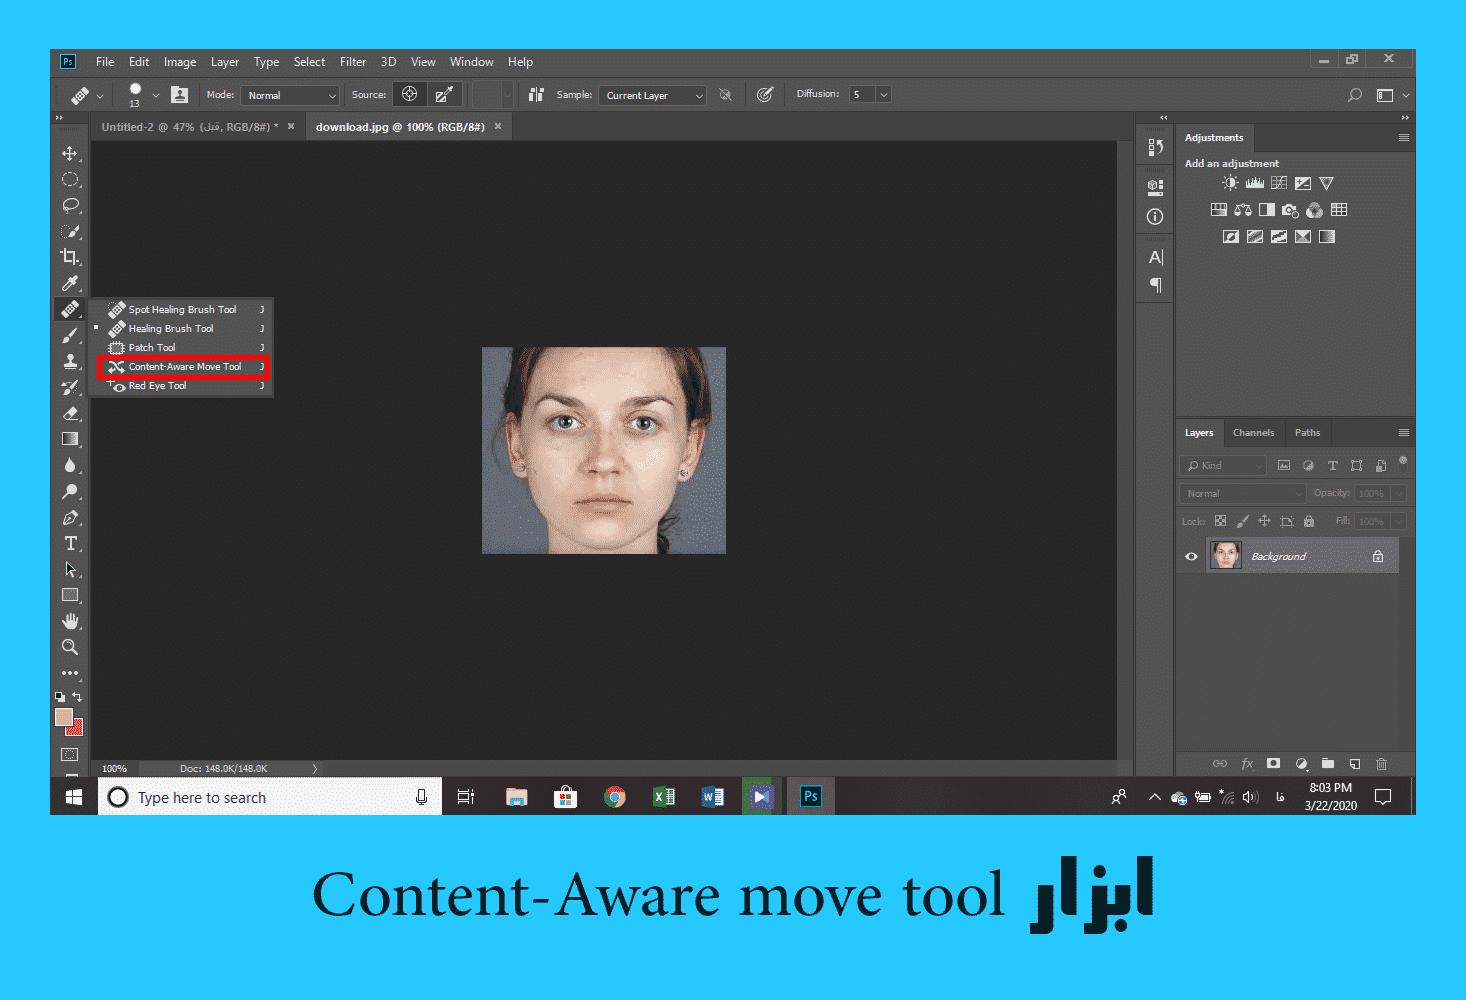 ابزار Content-Aware move tool